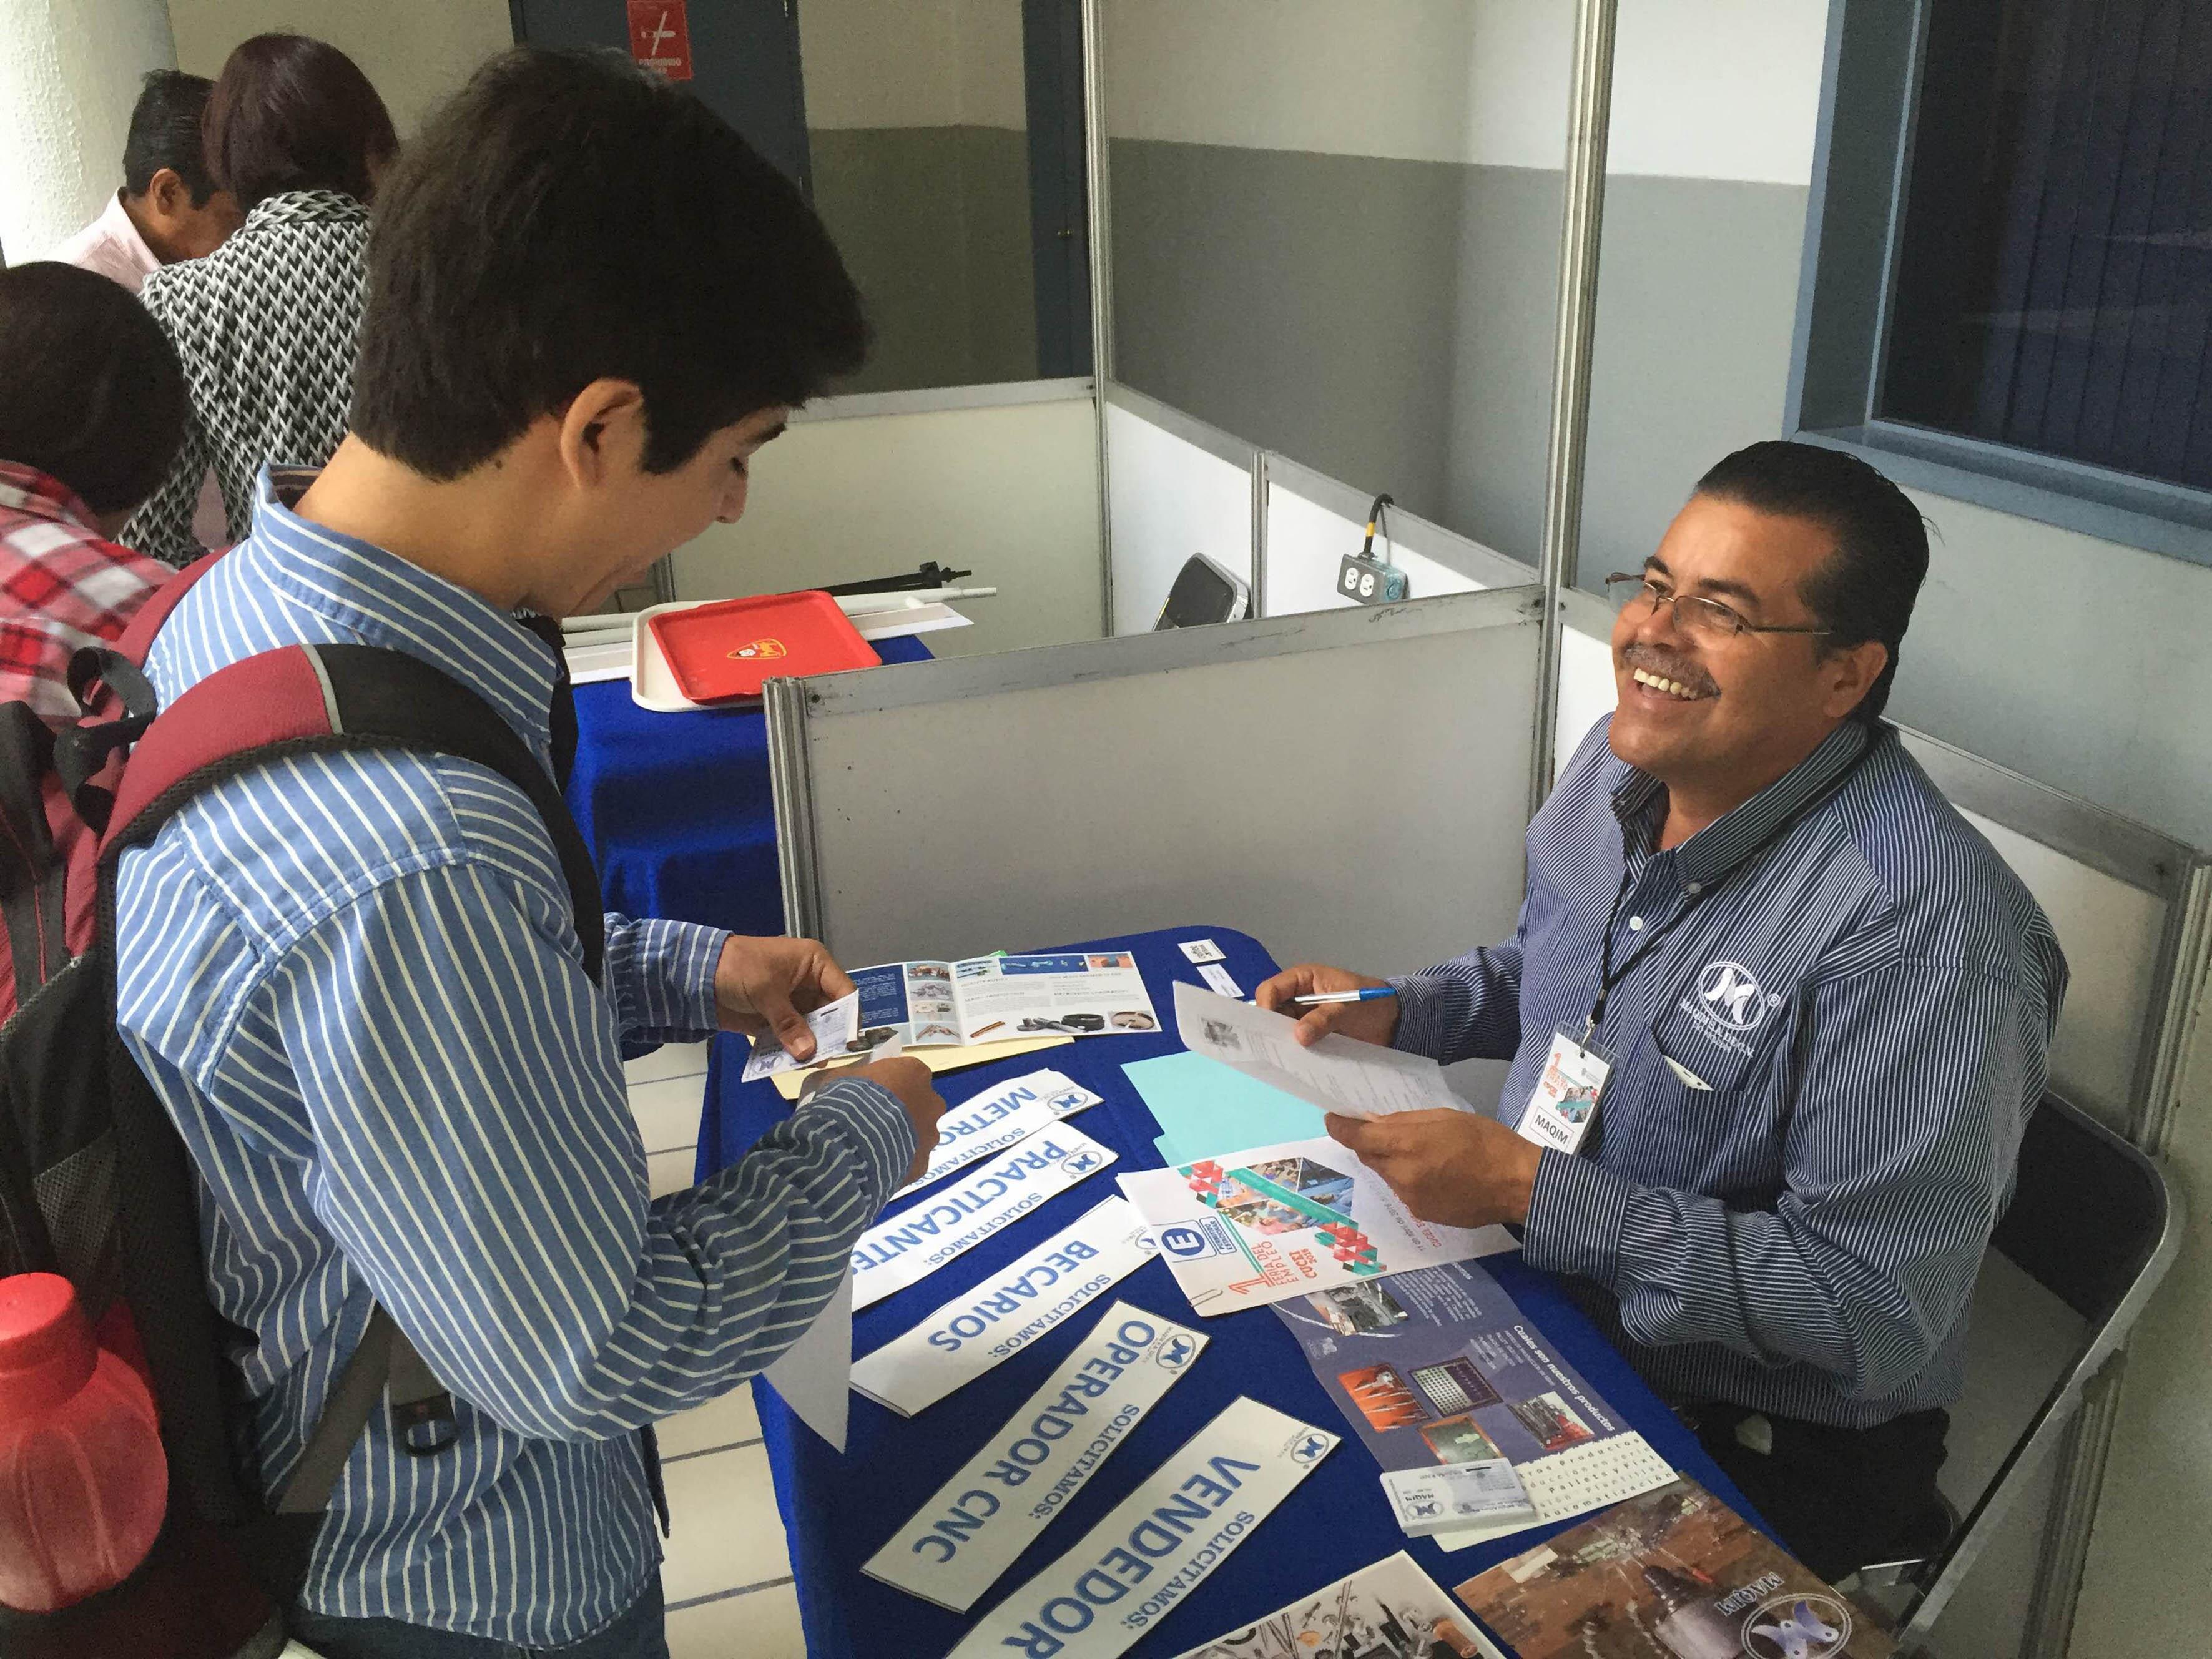 Reclutador entregando información y tarjeta de presentación a estudiante del CUCEI.